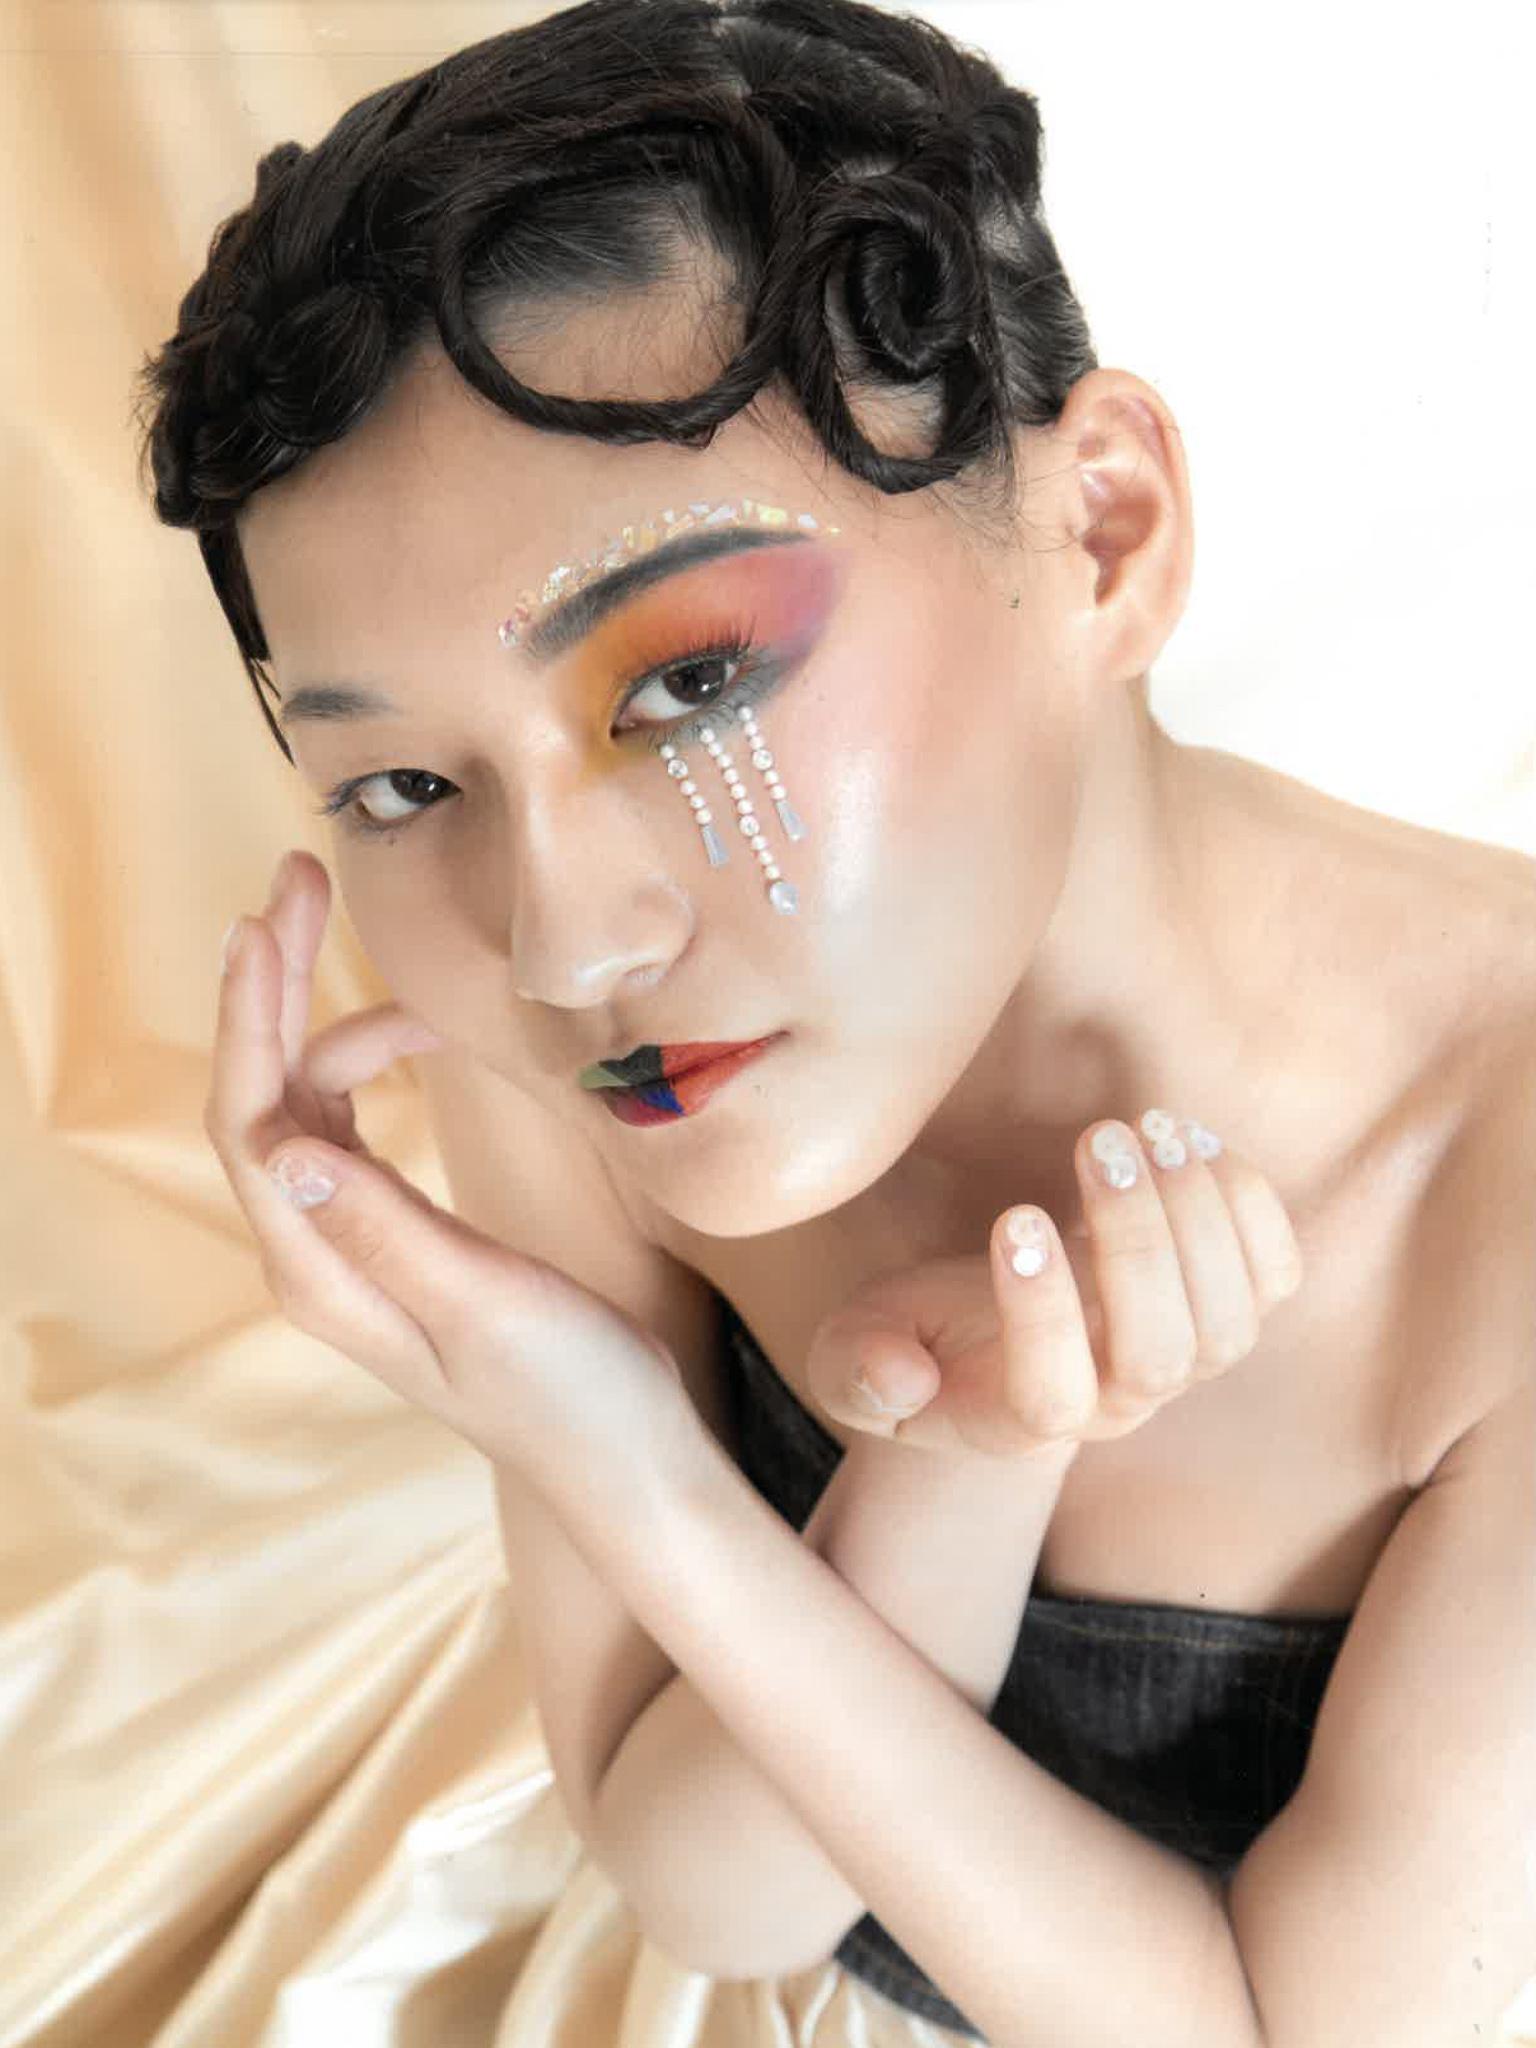 鈴木 耶子さんの作品画像